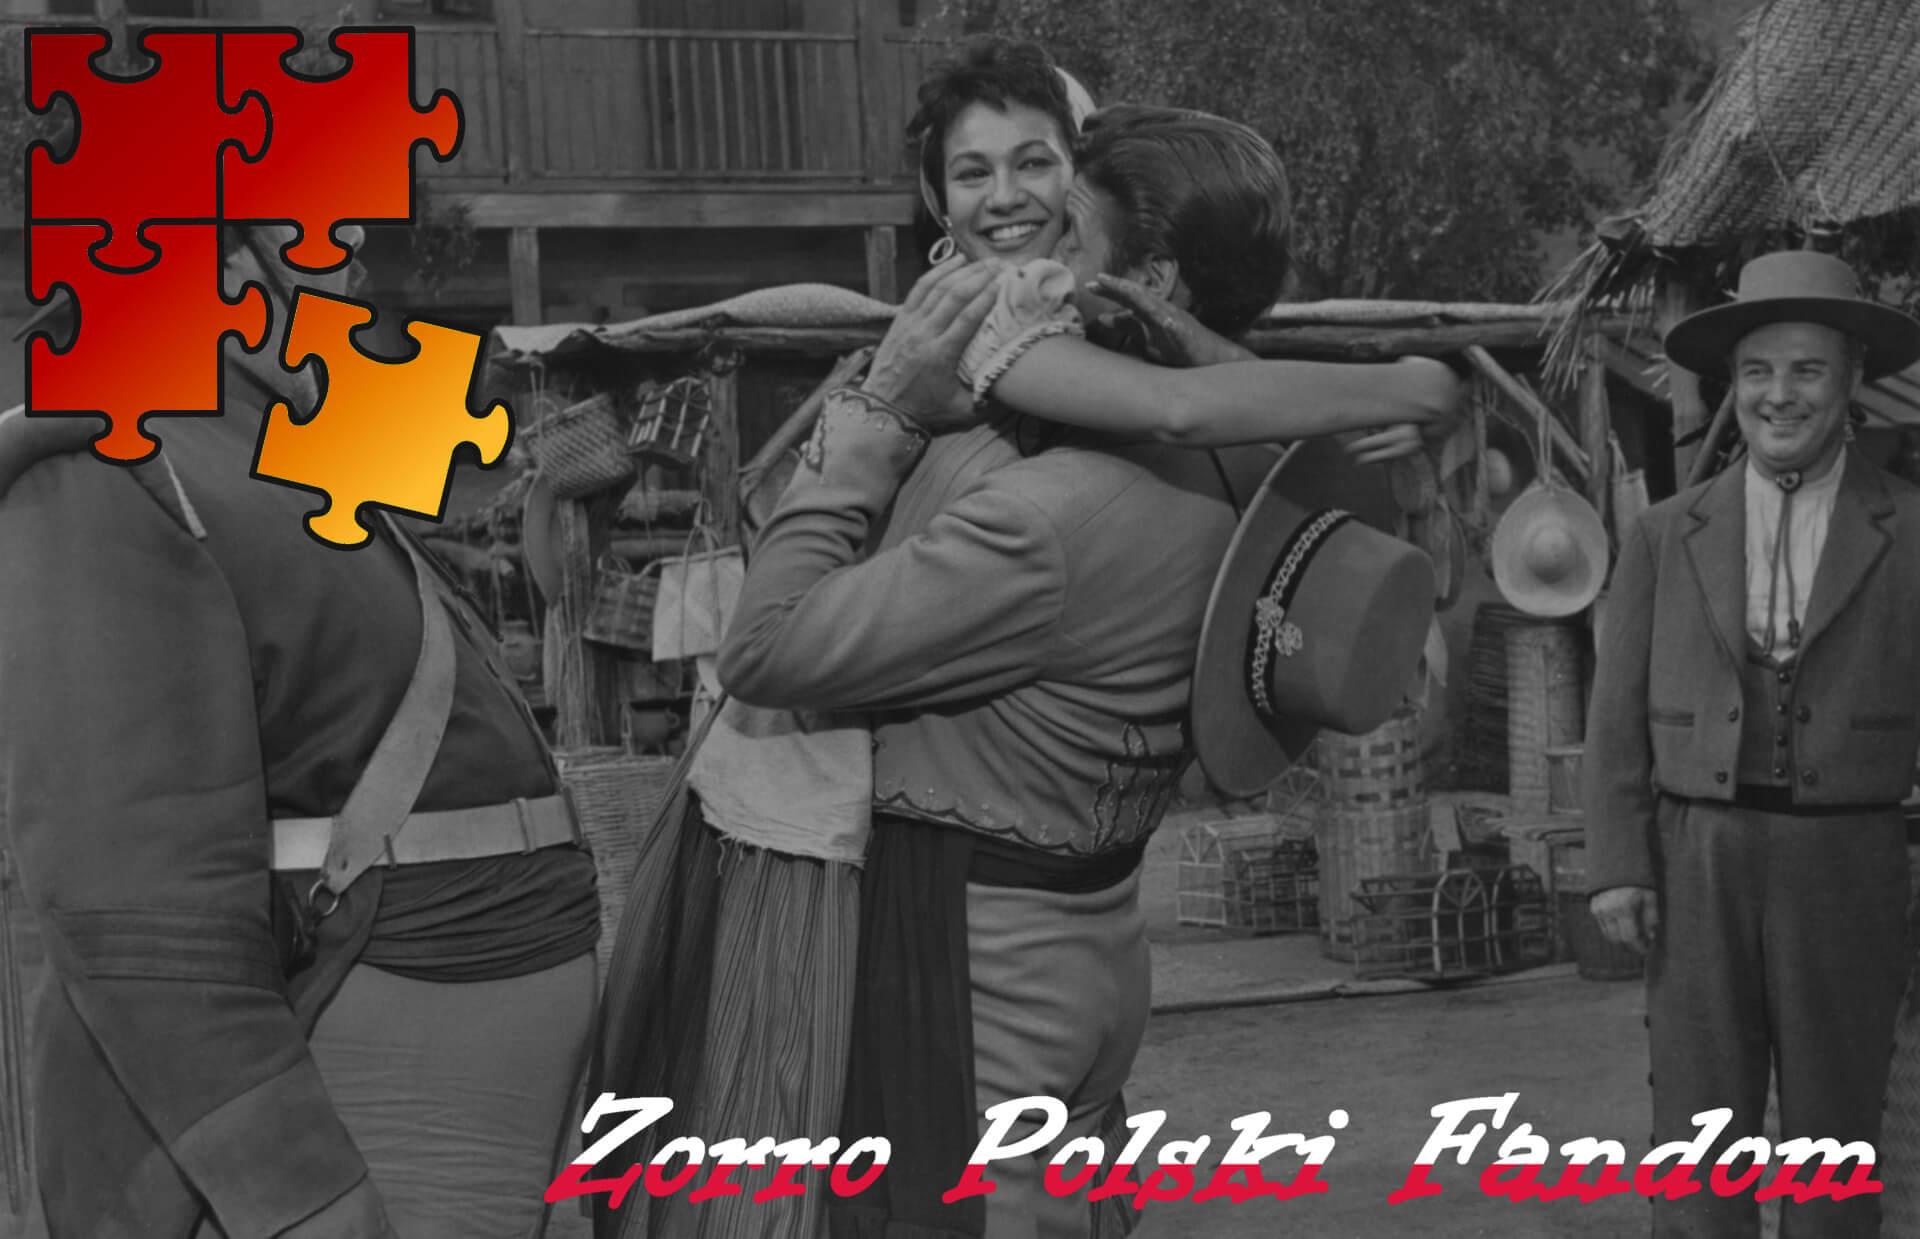 Jigsaw Puzzle Zorro Walt Disney Zorro - Diego and Teresa PL